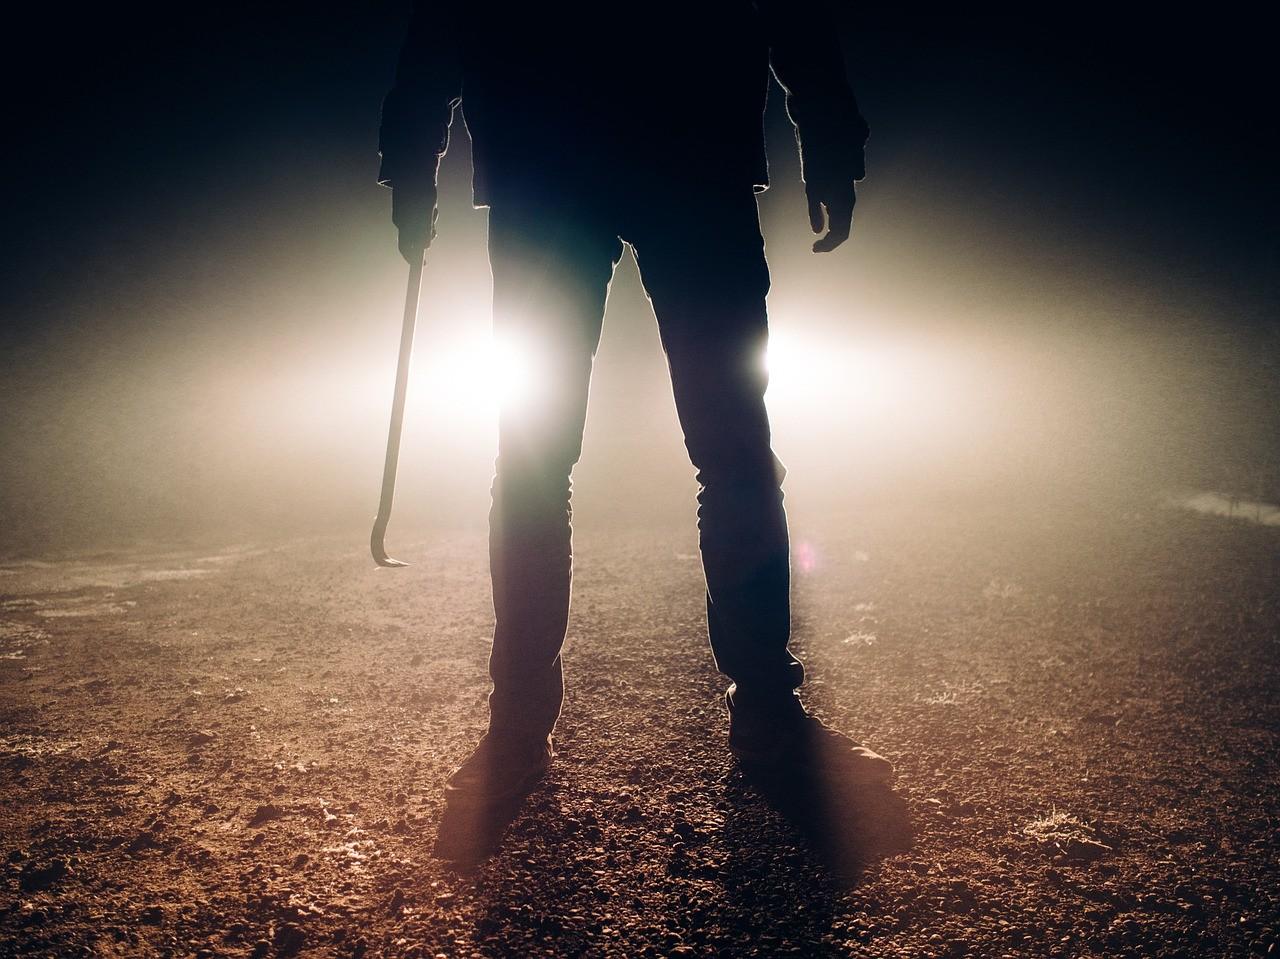 الصورة التنميطية عن المختلّ نفسيا: قاتل بدم بارد (بيكسابي)